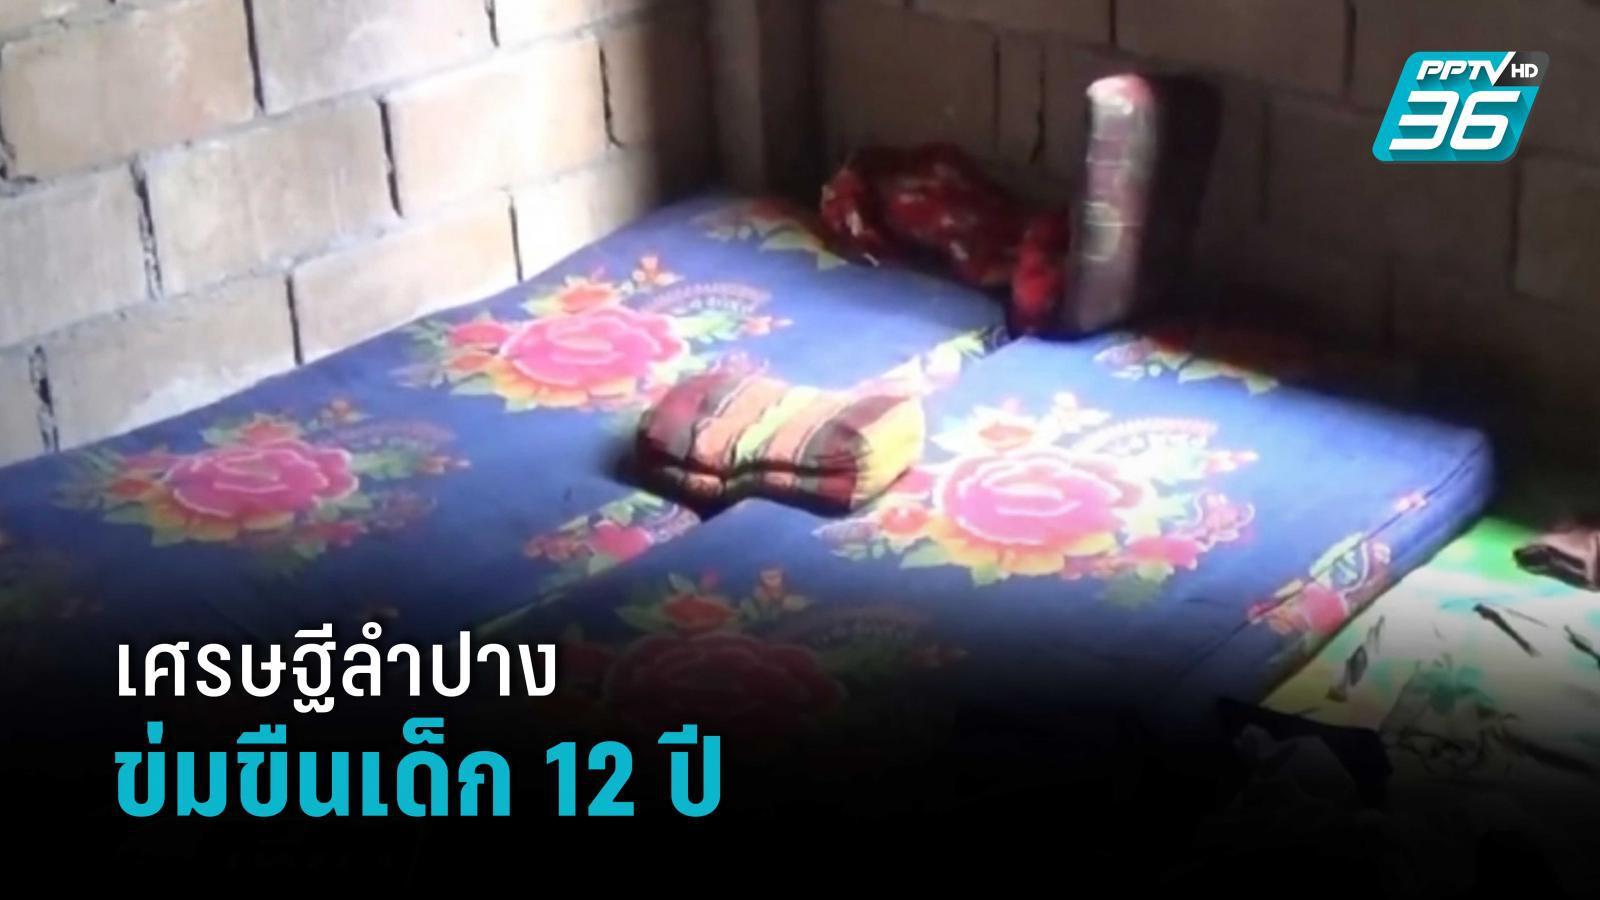 ตร.ตามจับเศรษฐีลำปางข่มขืนเด็ก 12 ปี | เที่ยงทันข่าว : PPTVHD36 ▶2:52